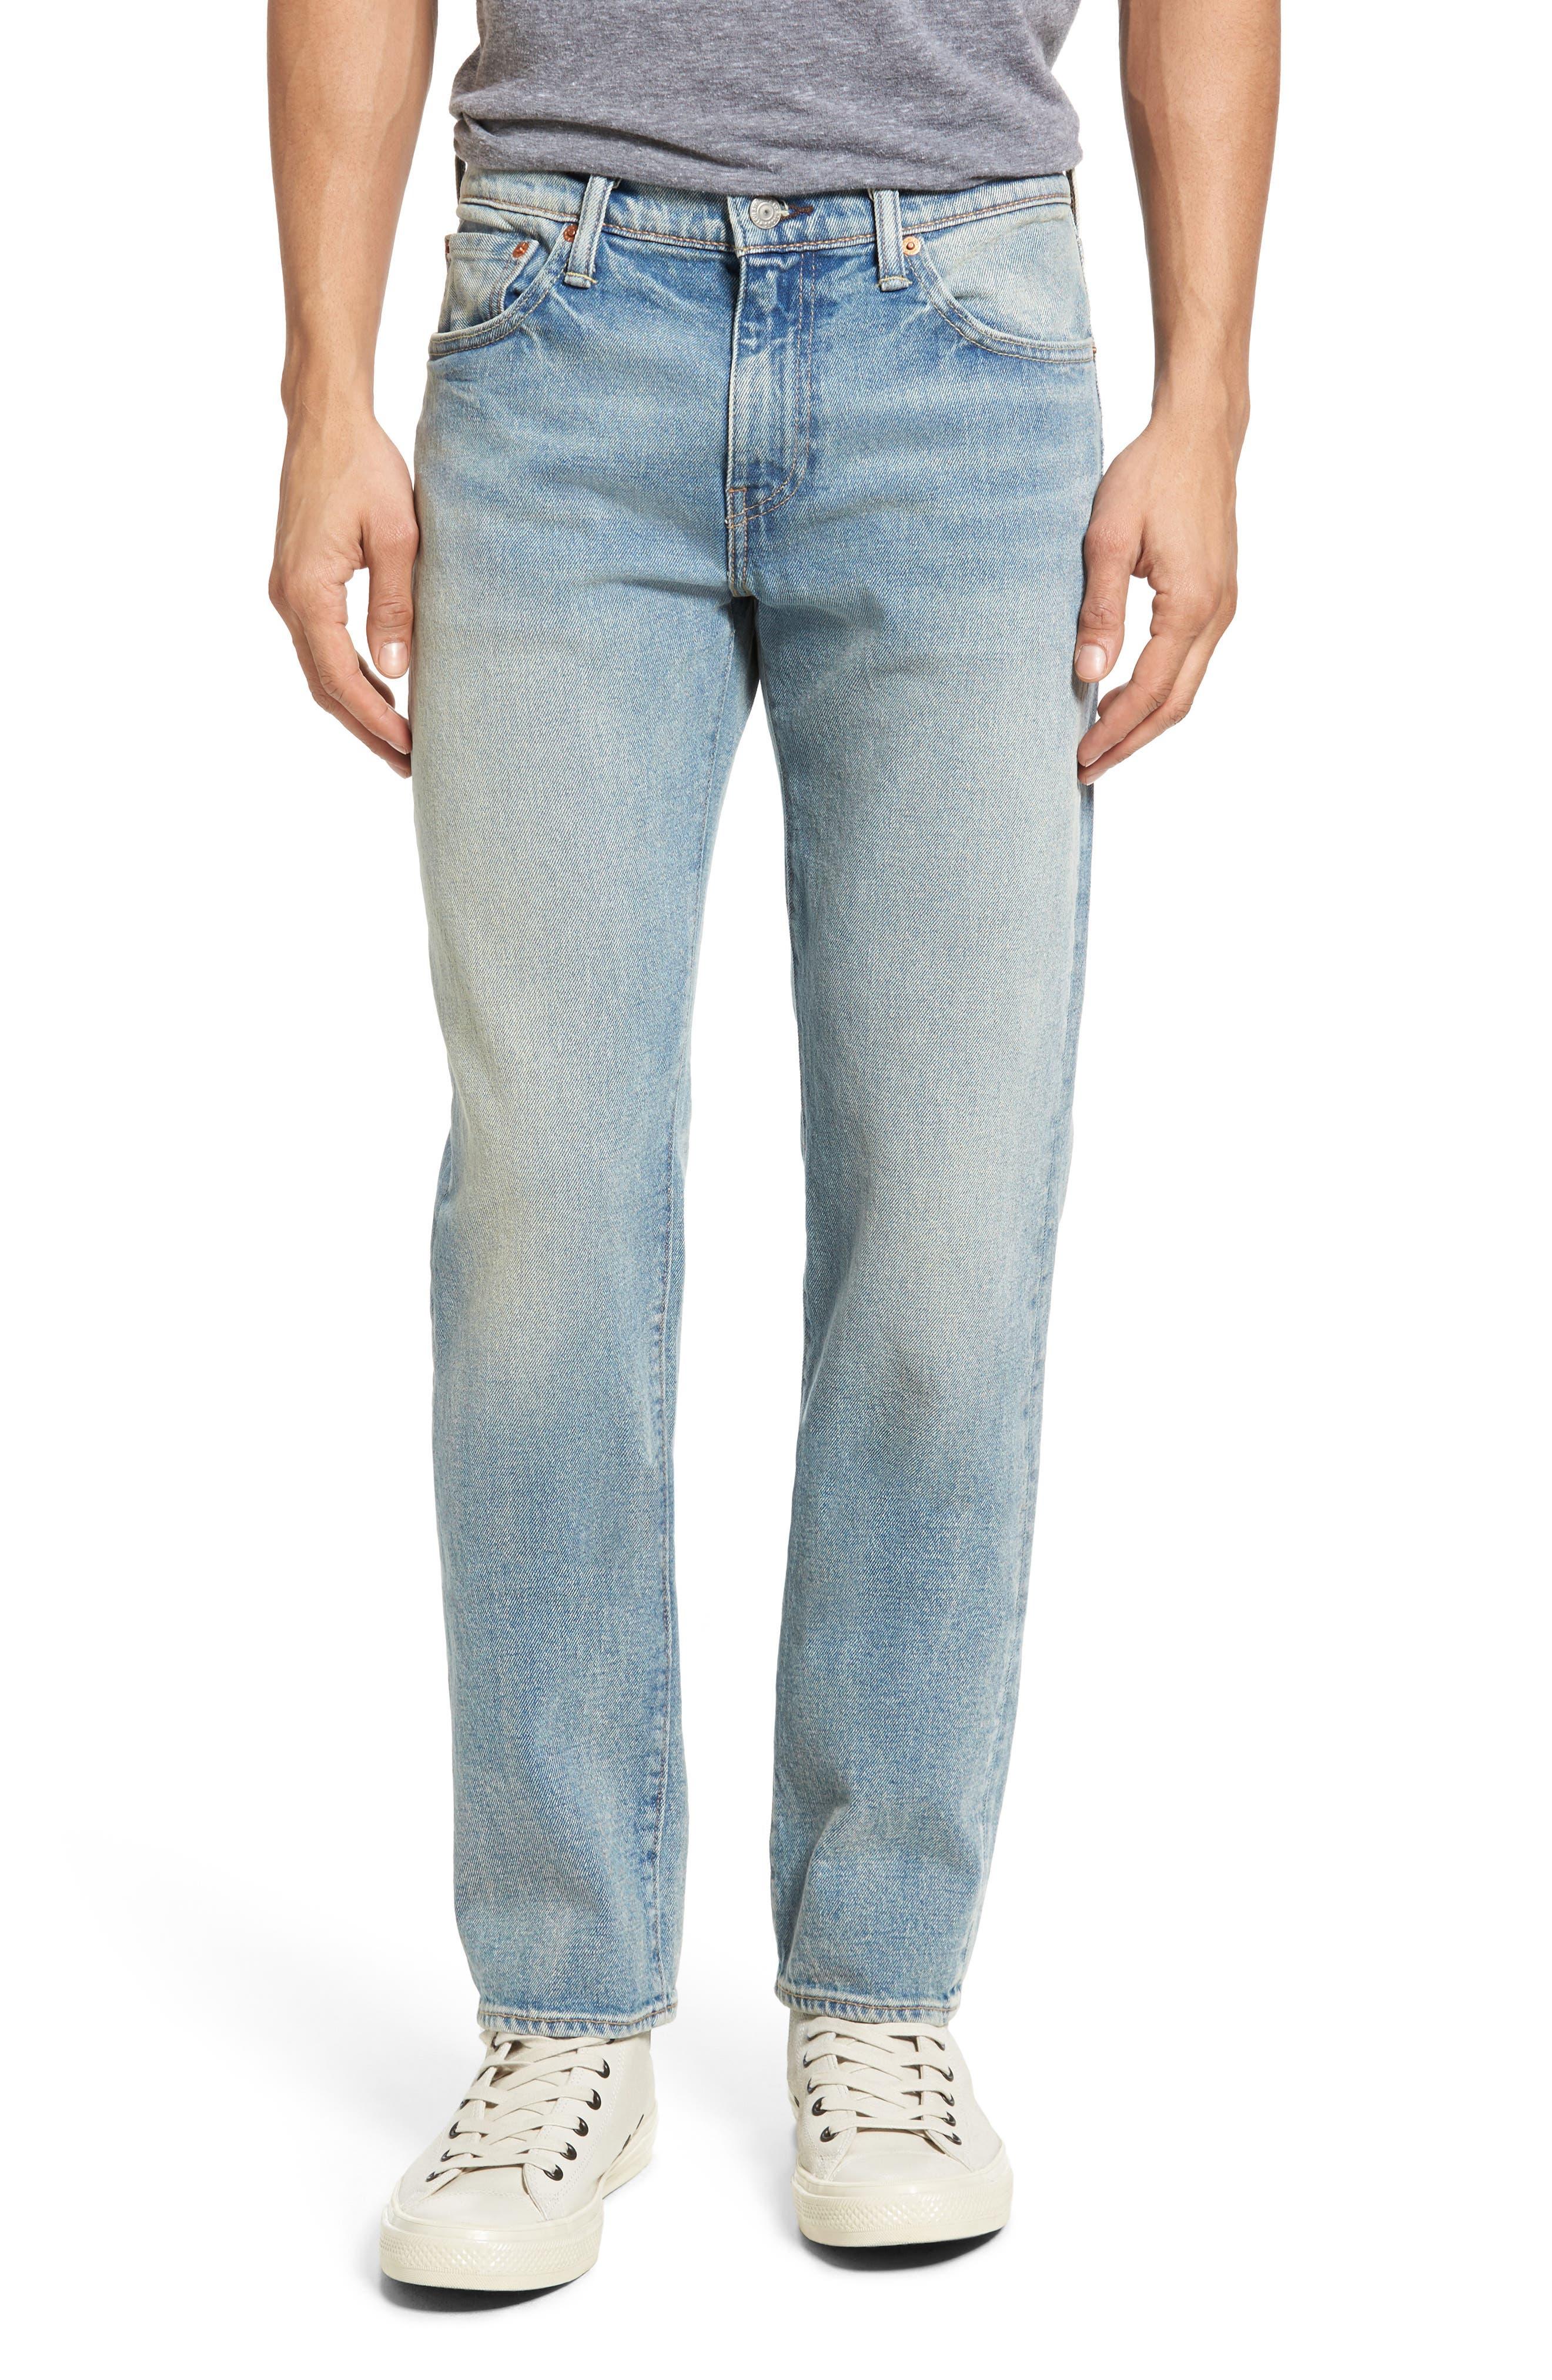 Levi's 511 Slim Fit Jeans,                             Main thumbnail 1, color,                             402